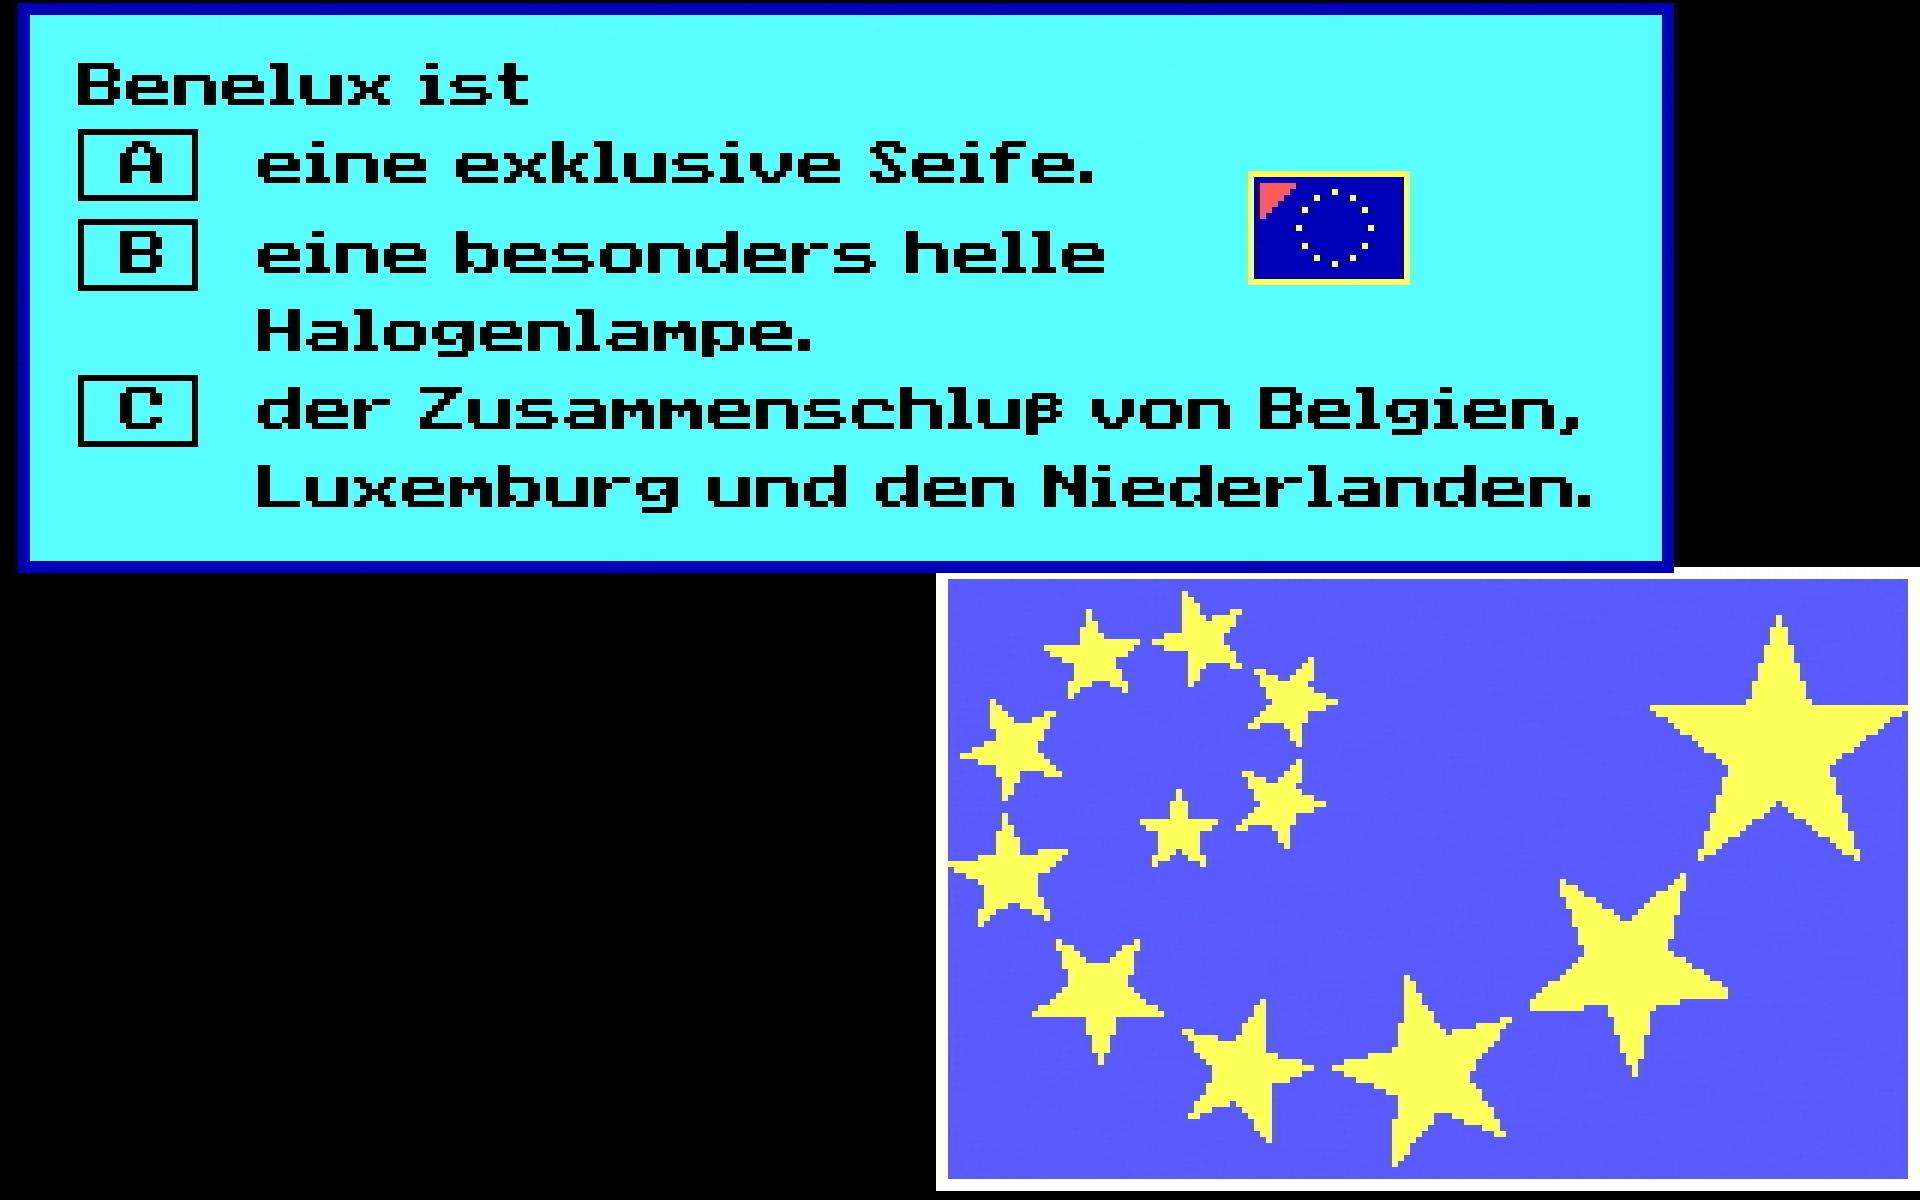 Auf dem Weg nach Europa: Frage zu Benelux